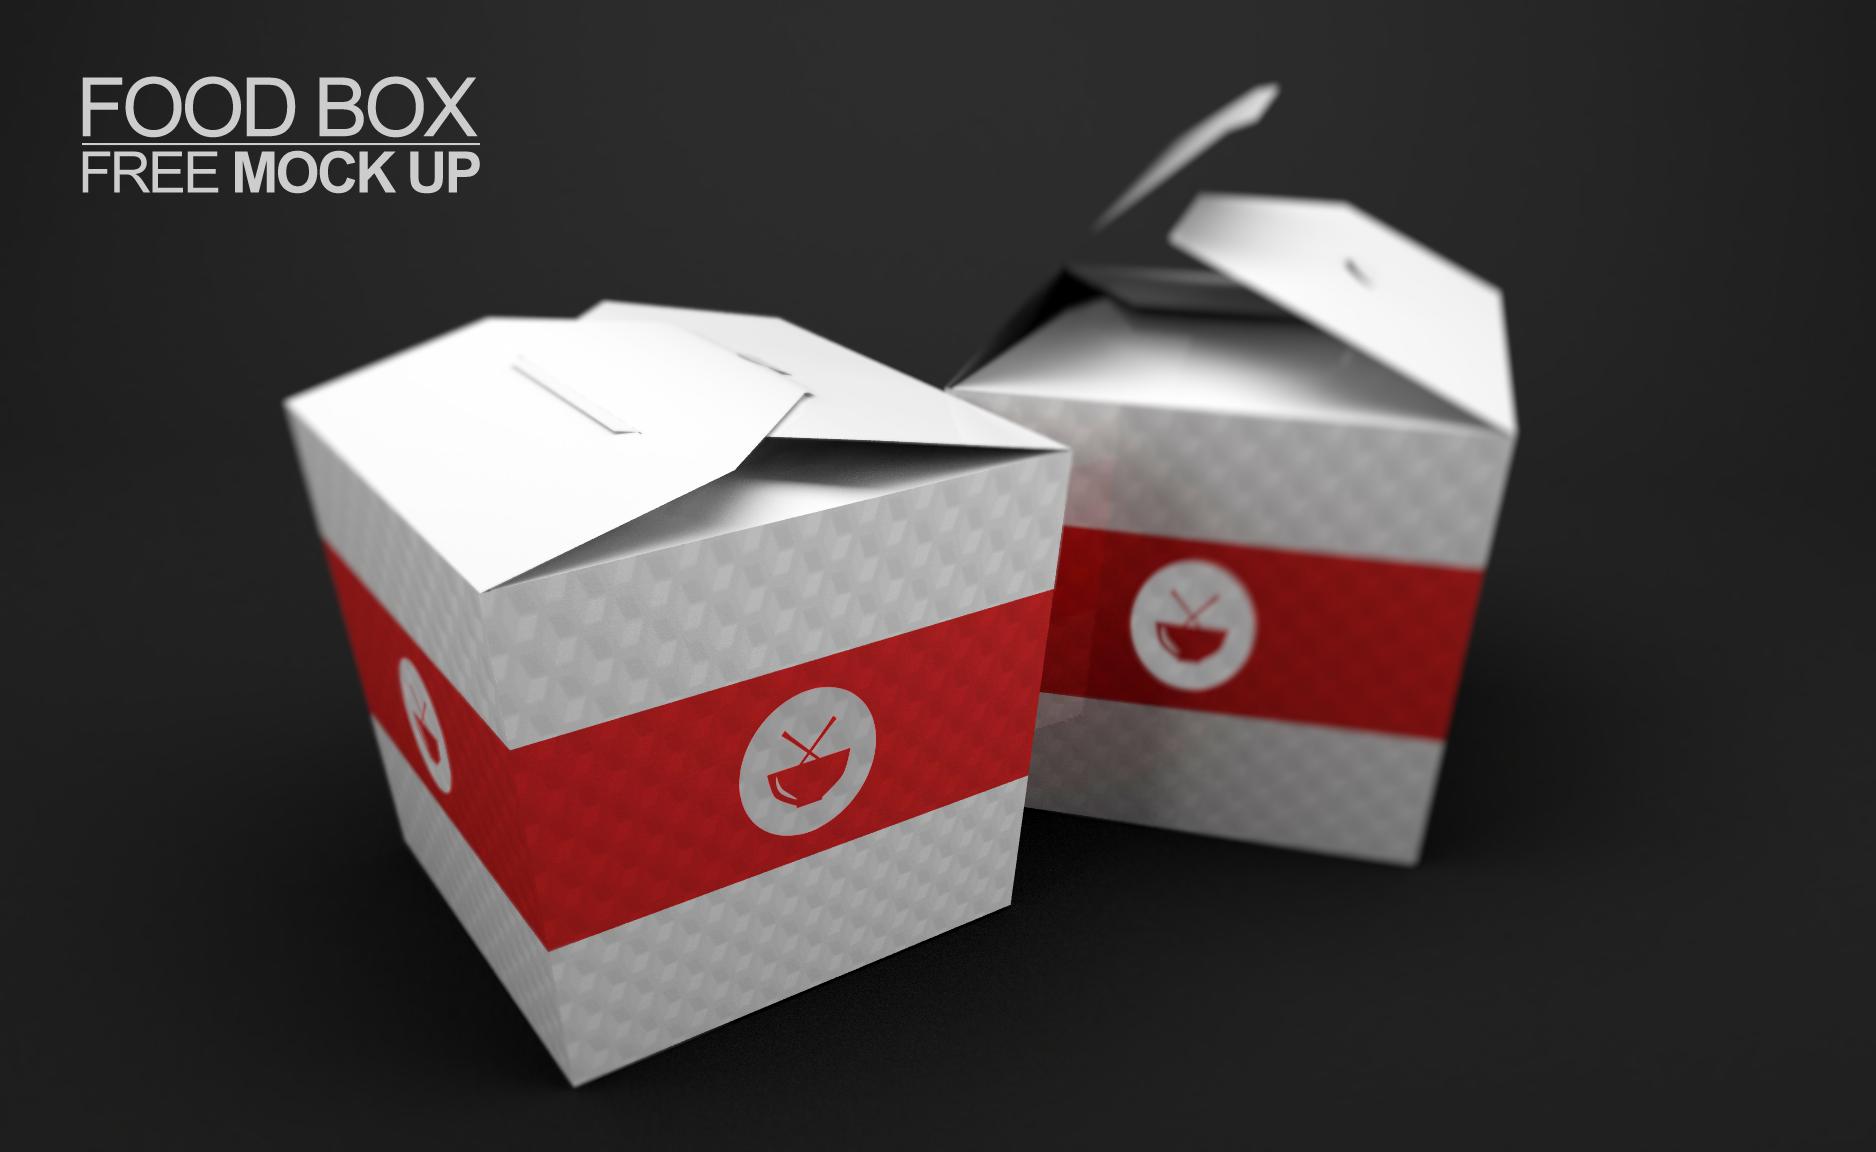 FoodBOX free Mock Up PSD